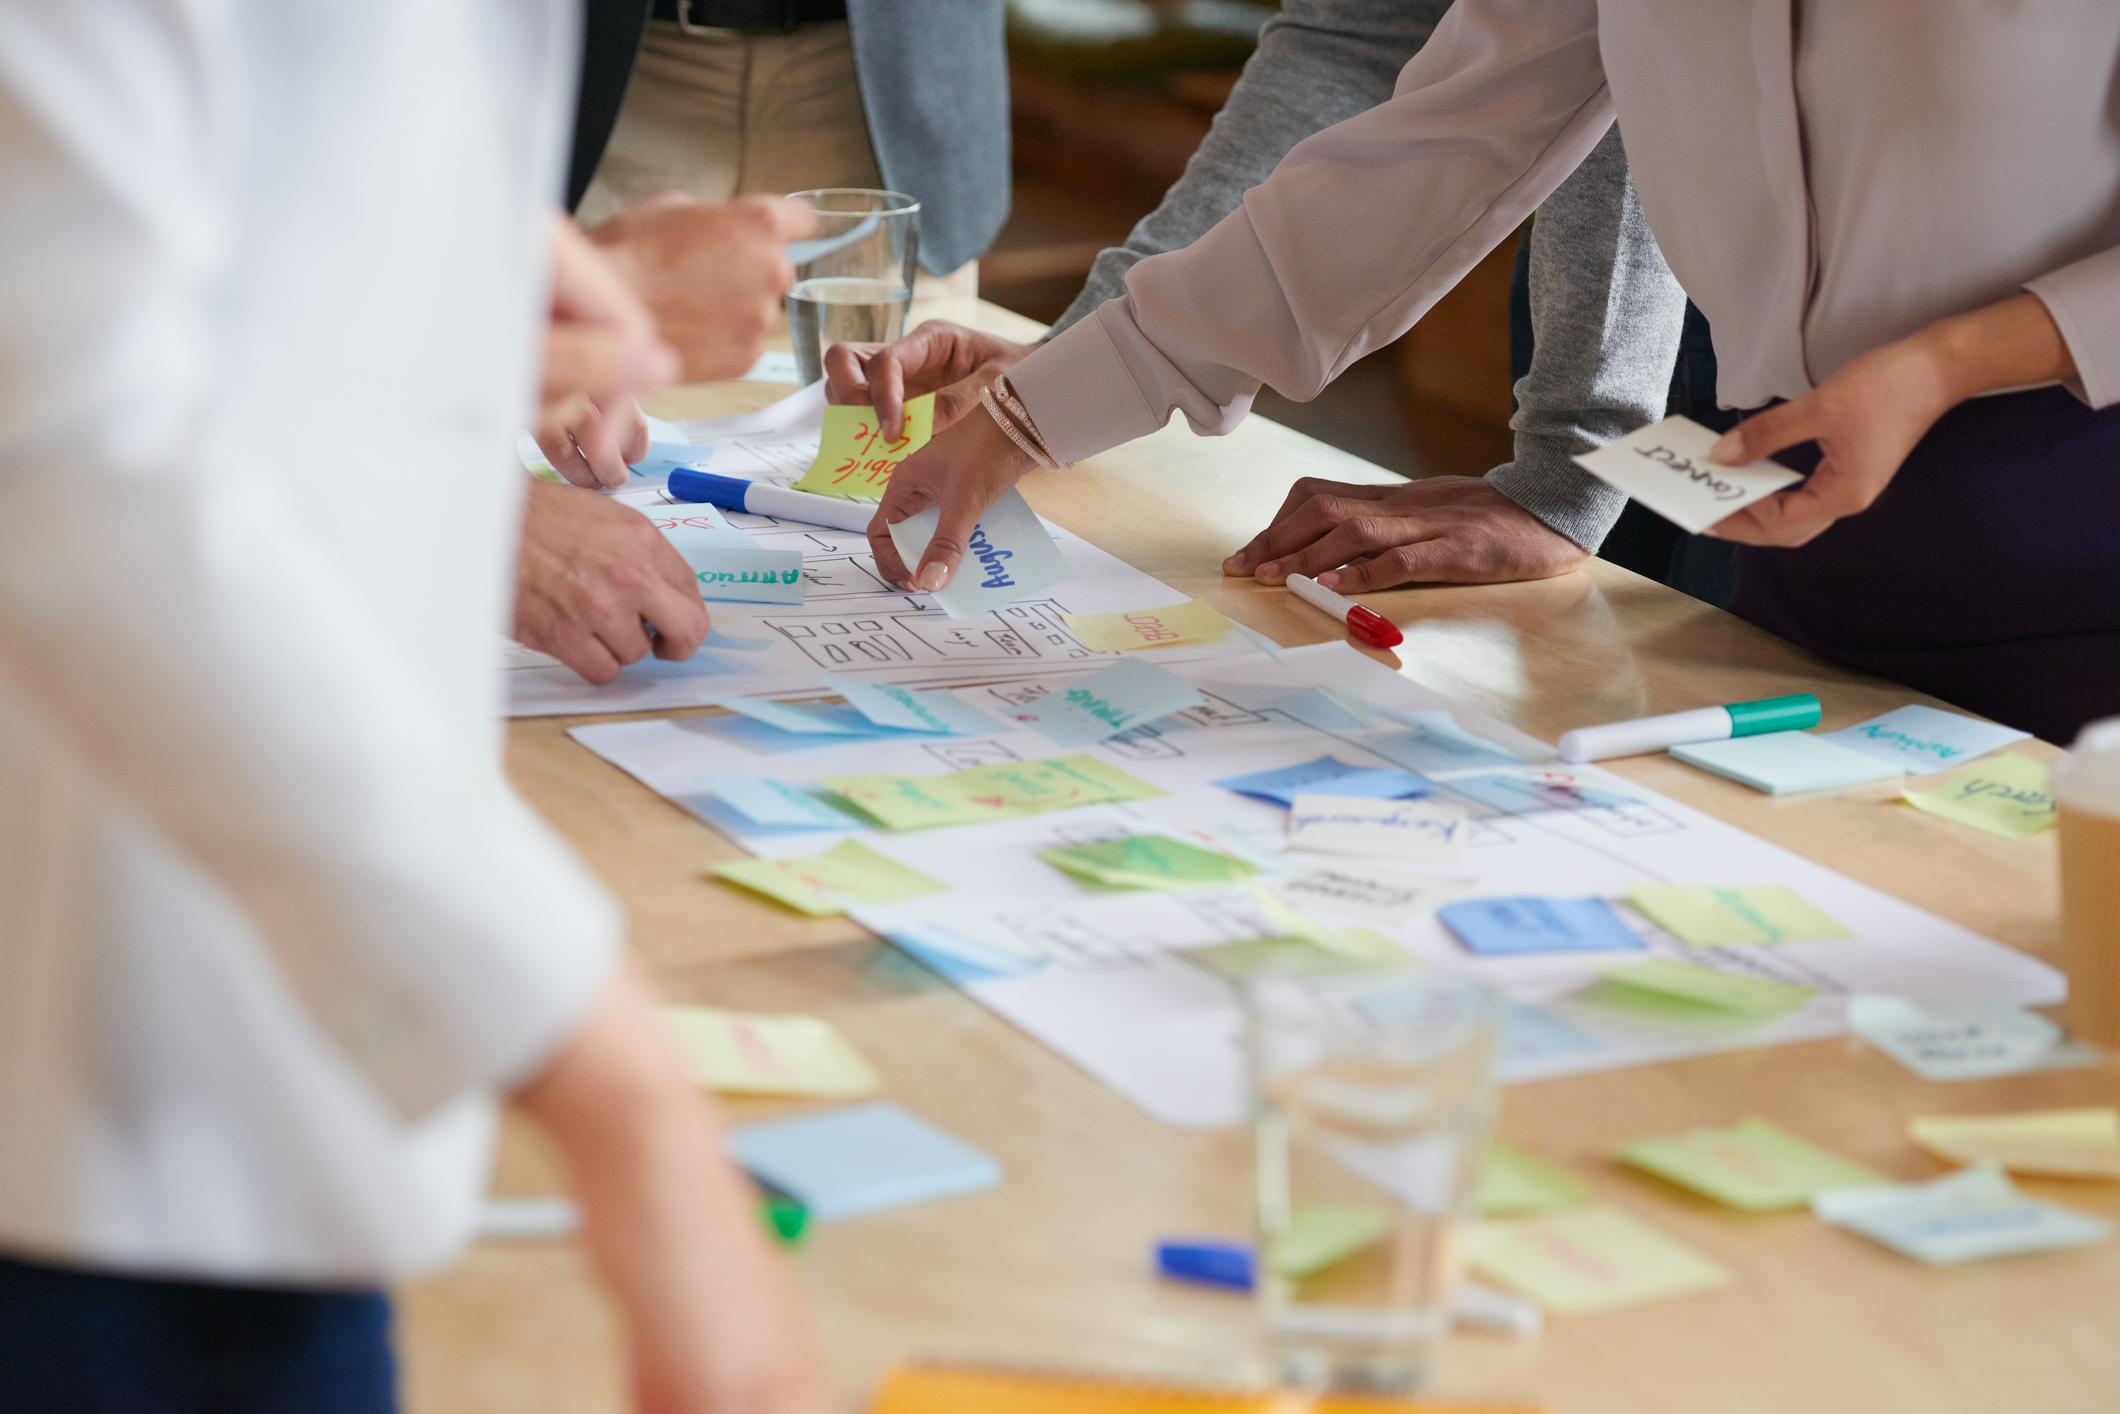 Metodikk - Seminaret gjennomføres som en kombinasjon av teoretisk undervisning, casebaserte workshops og plenumsdiskusjoner med praktiske eksempler.Vi har bred erfaring med varslingssaker og arbeide med psykososiale arbeidsmiljøfaktorer i norsk arbeidsliv.